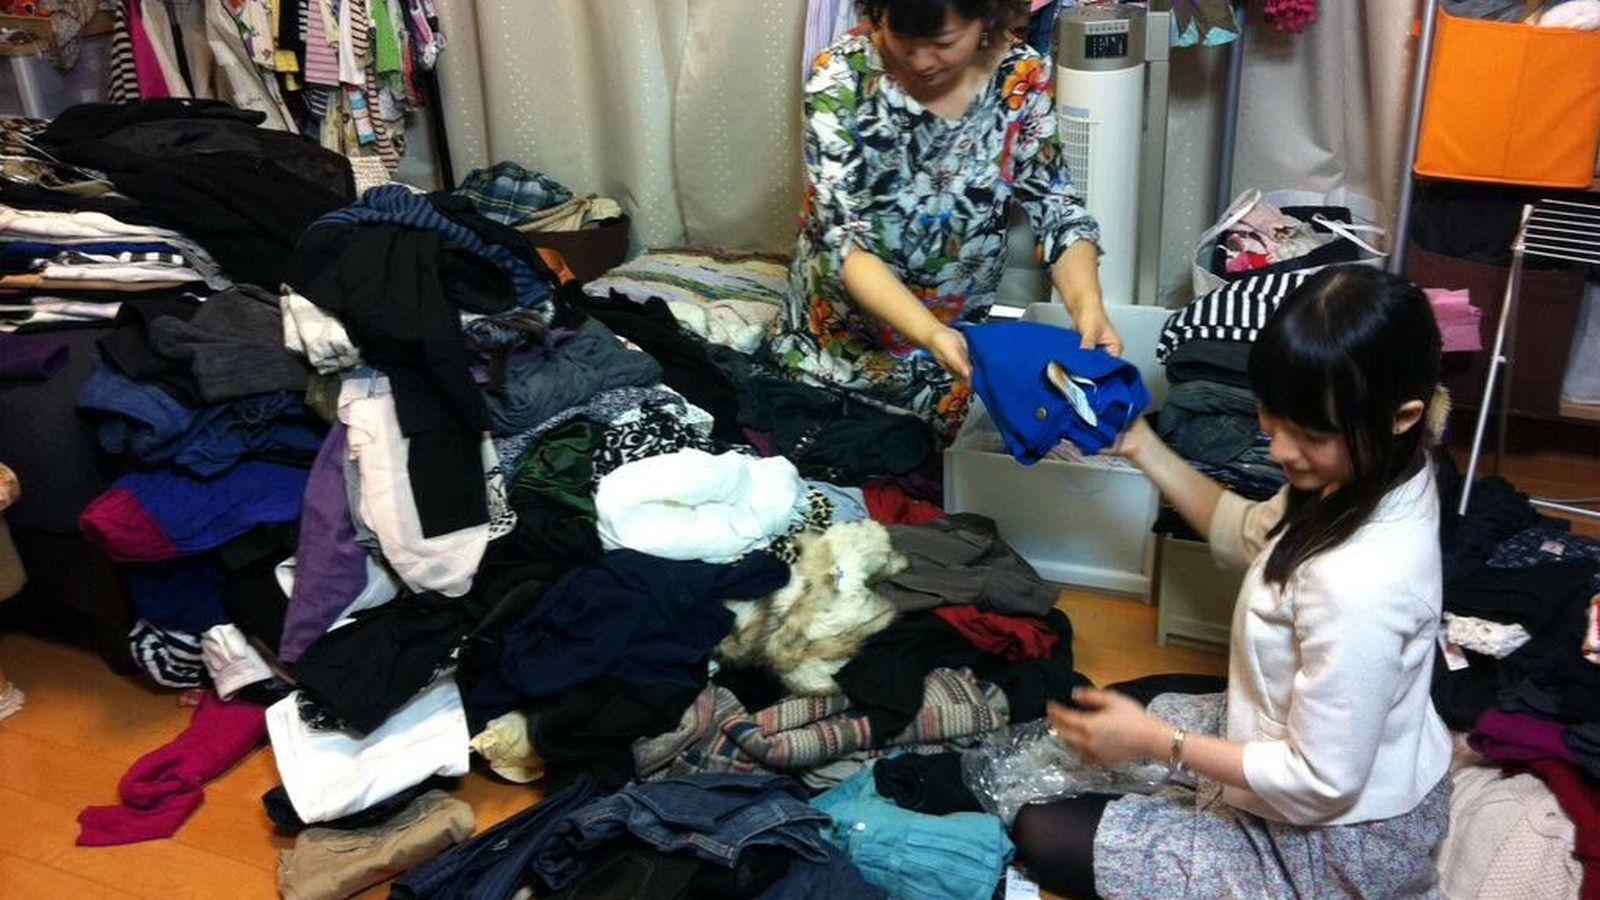 Ordenar el m todo definitivo para ordenar tu casa y doblar tu ropa por una supercrack - Por fin vas a ordenar tu casa ...